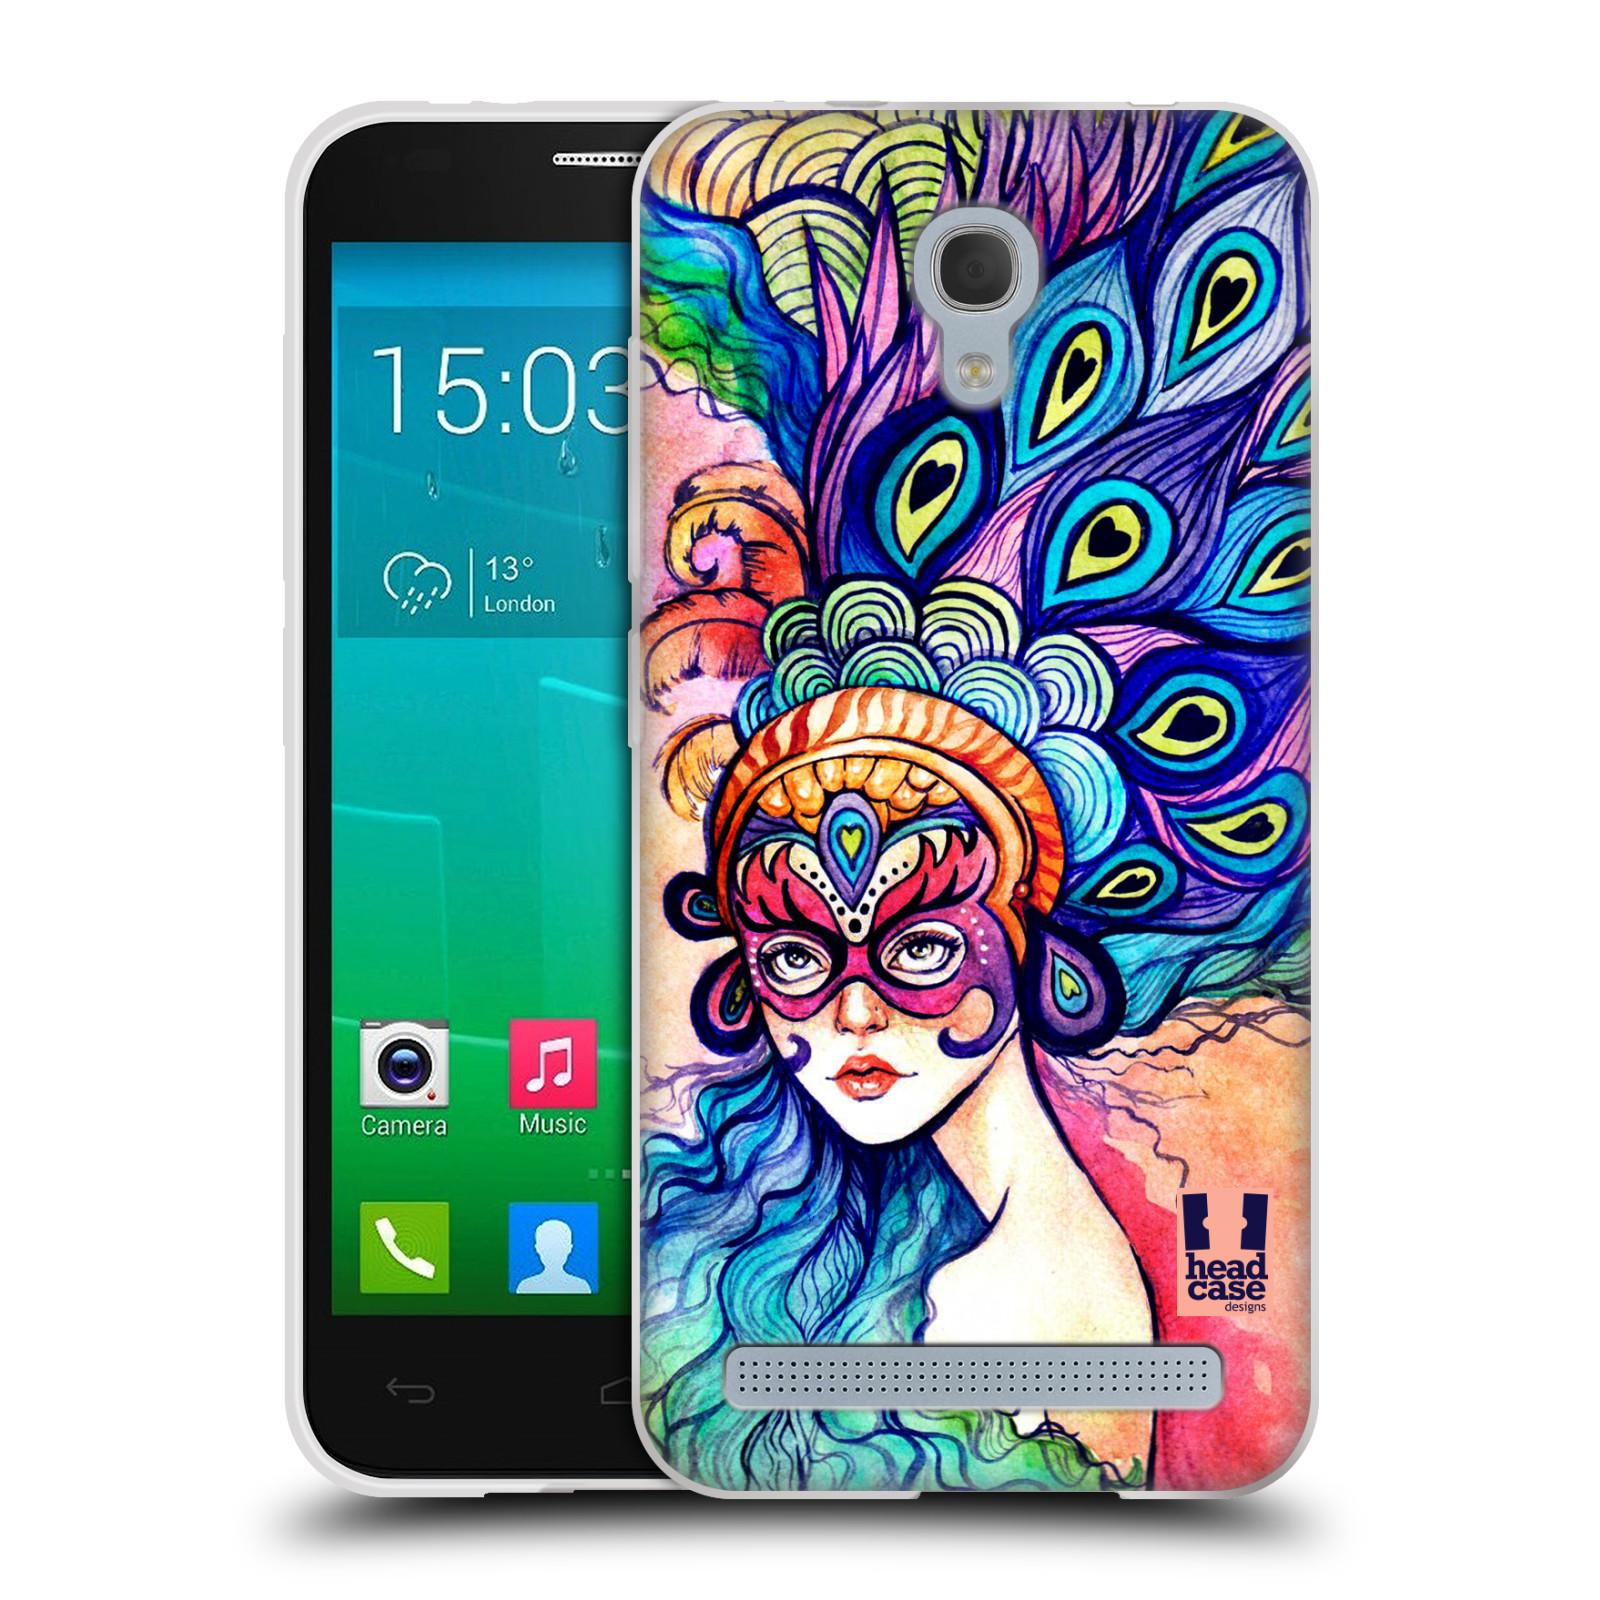 HEAD CASE silikonový obal na mobil Alcatel Idol 2 MINI S 6036Y vzor Maškarní ples masky kreslené vzory MODRÉ PÍRKA